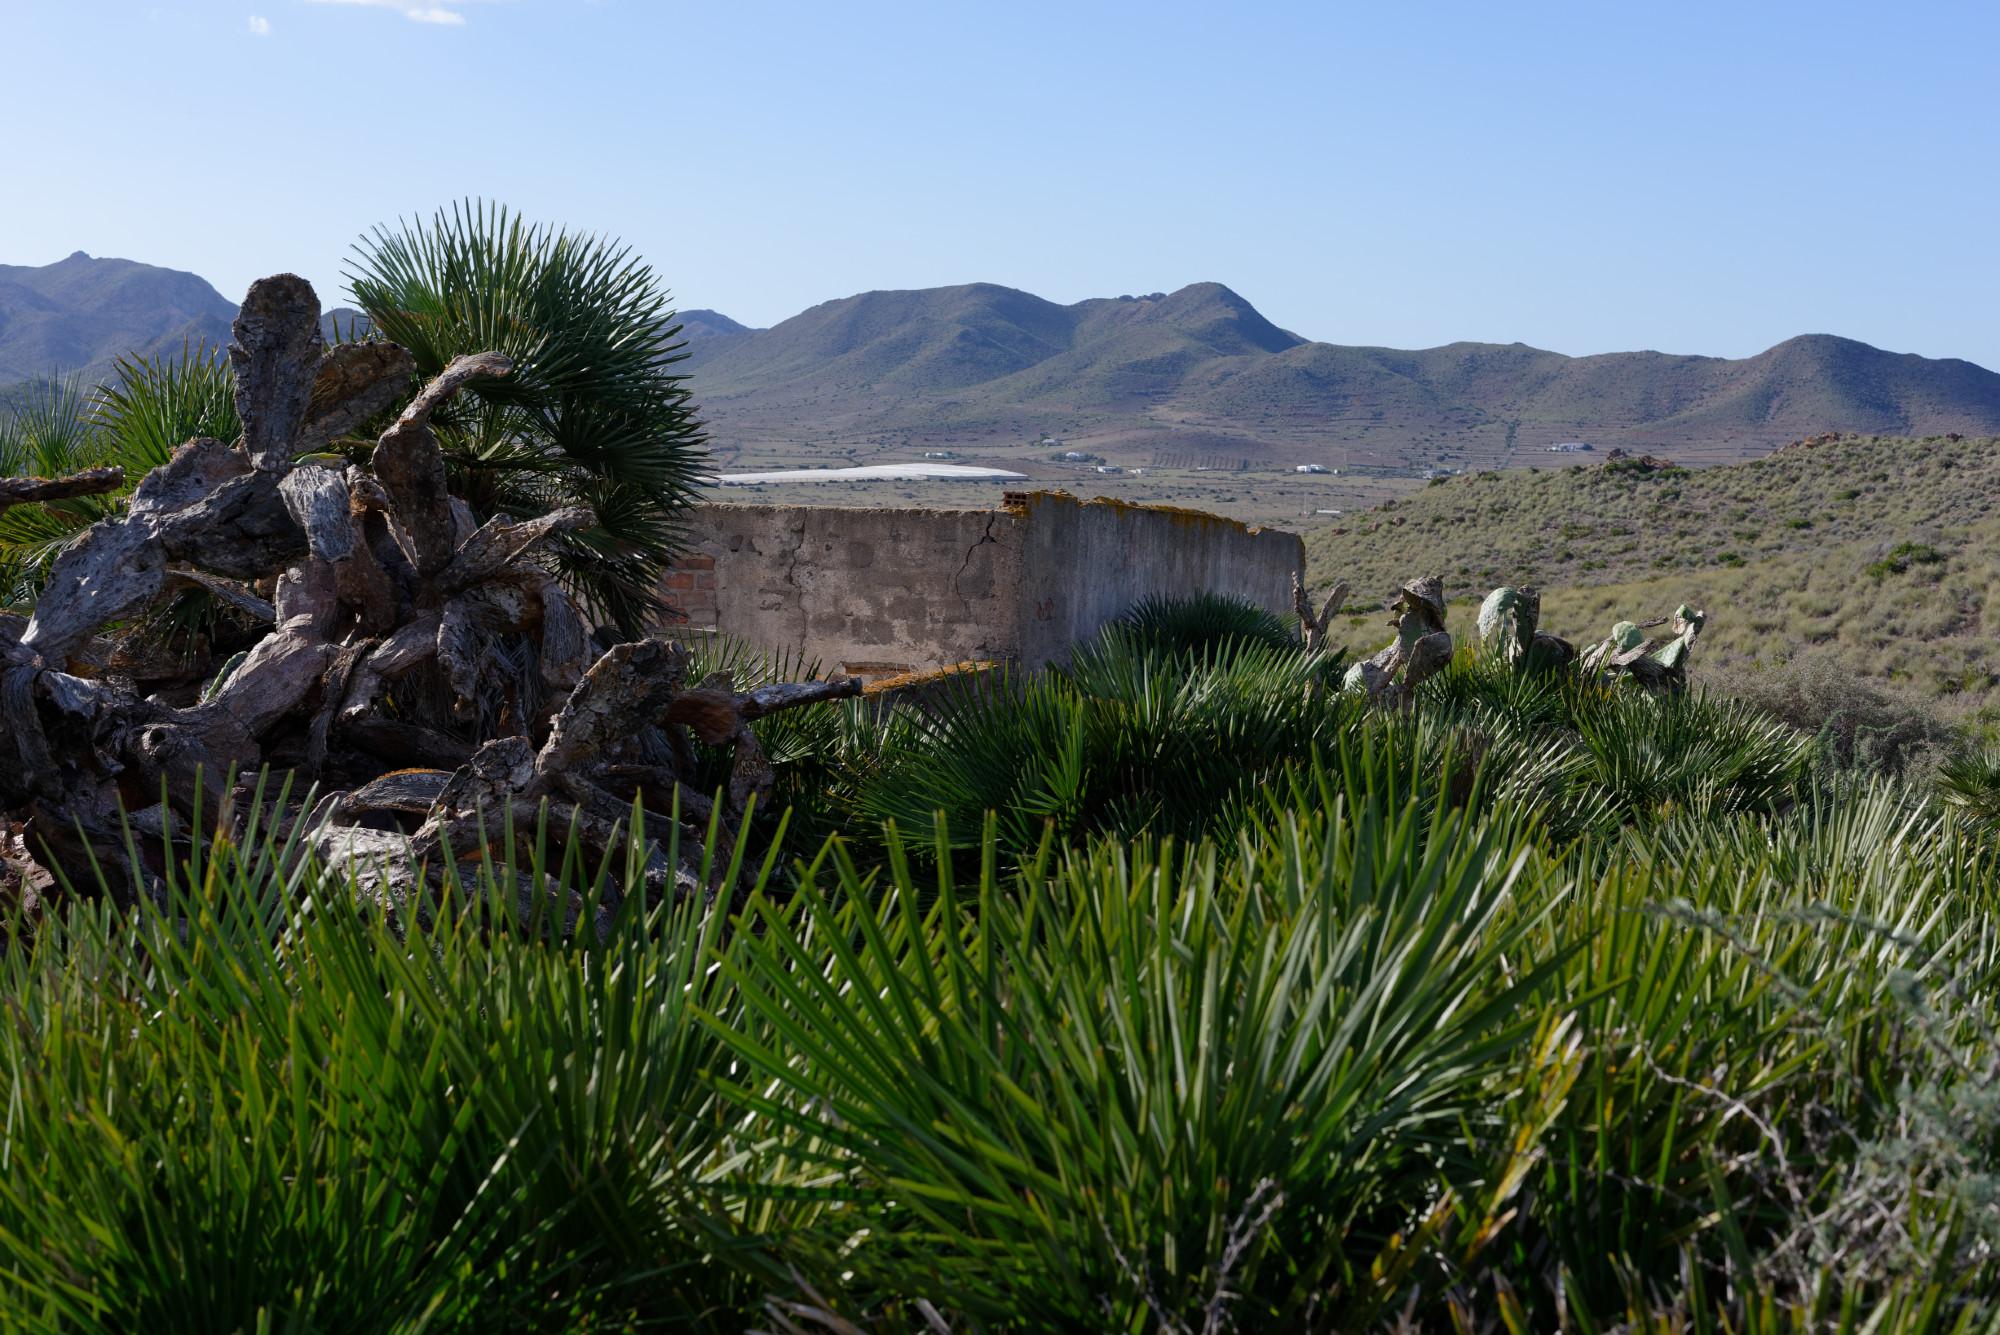 171212-Marche La Boca de los Frailes vers Cerro de Limones (20) (Cabo de Gata-Andalousie)